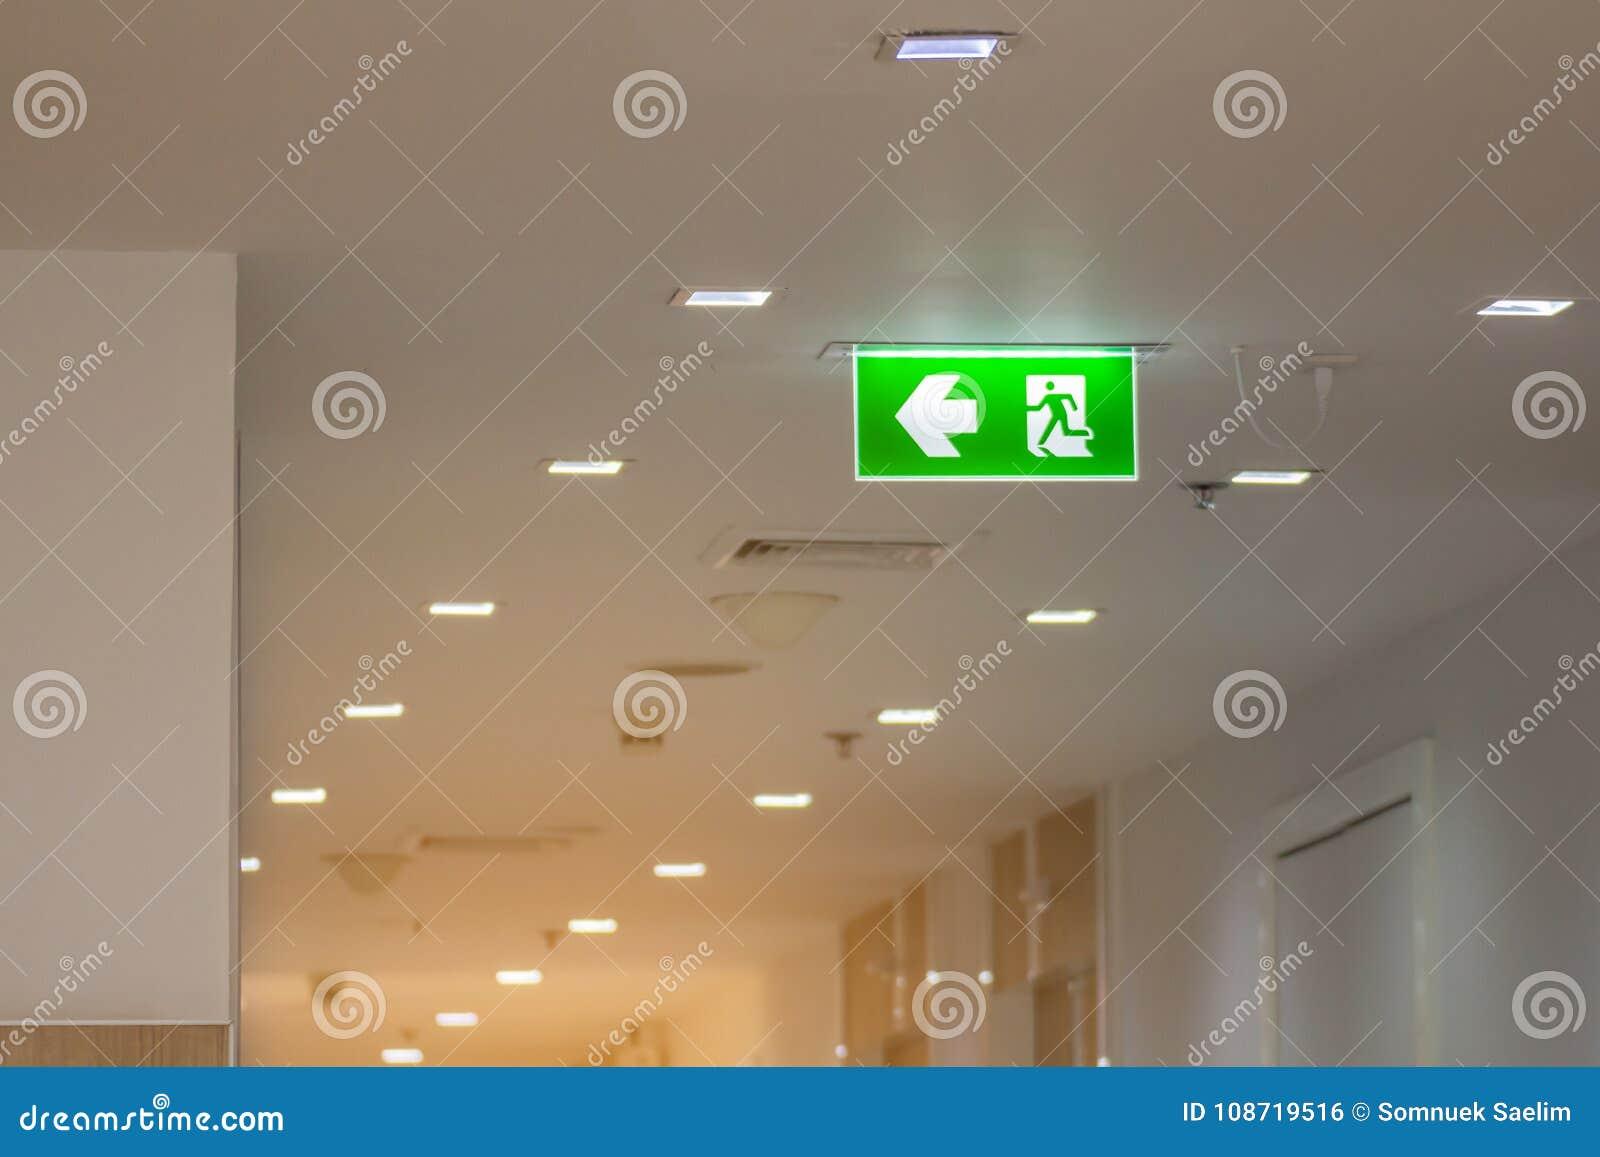 Zielony wyjście ewakuacyjne podpisuje wewnątrz szpital pokazuje sposób uciekać